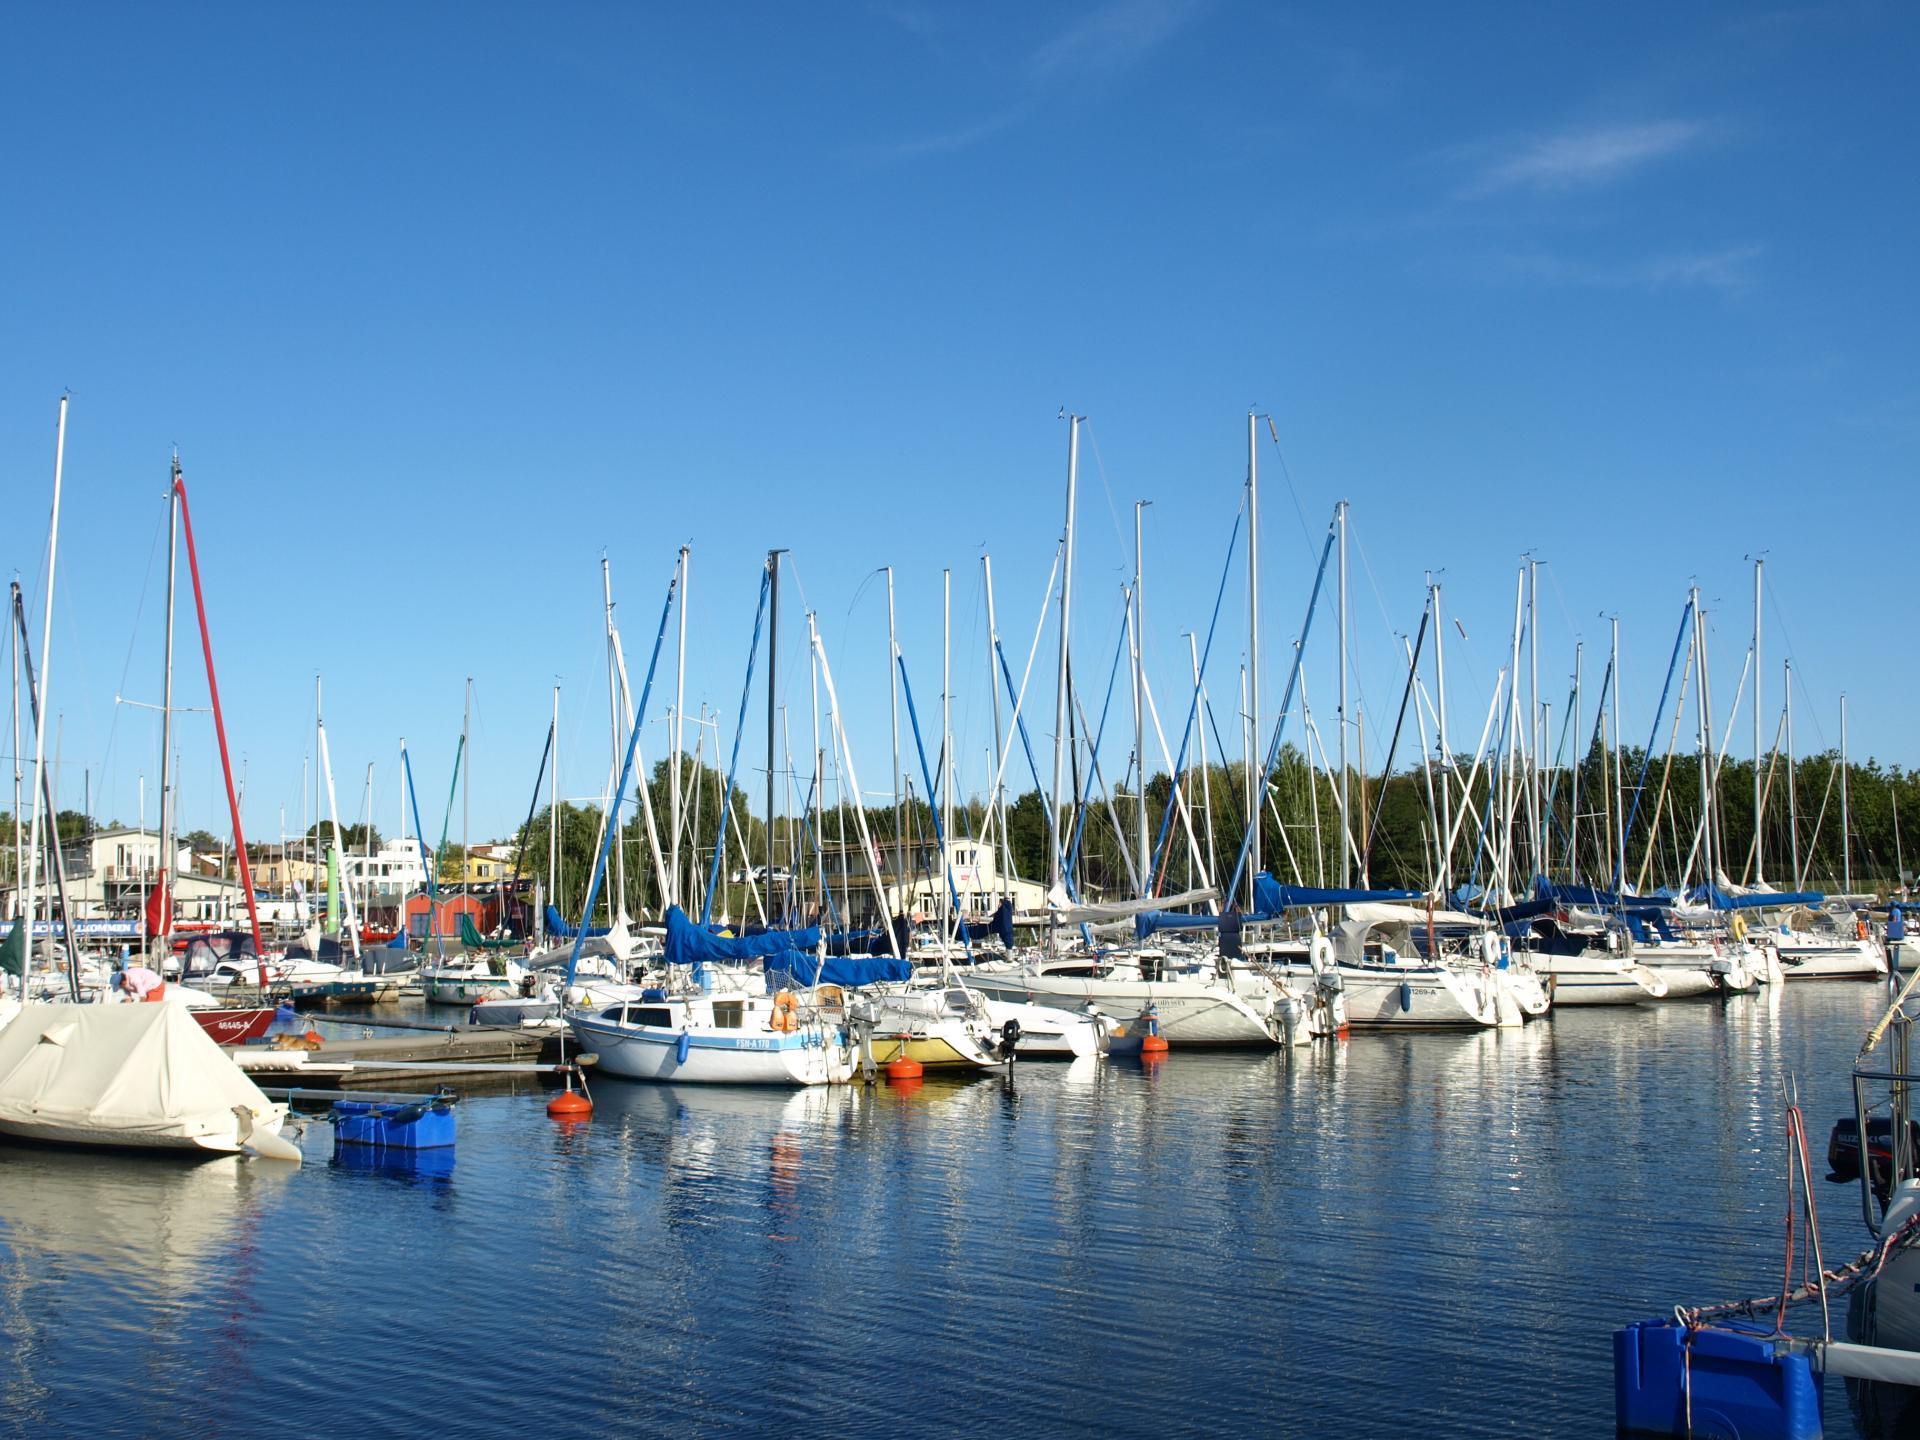 Zöbigker Hafen